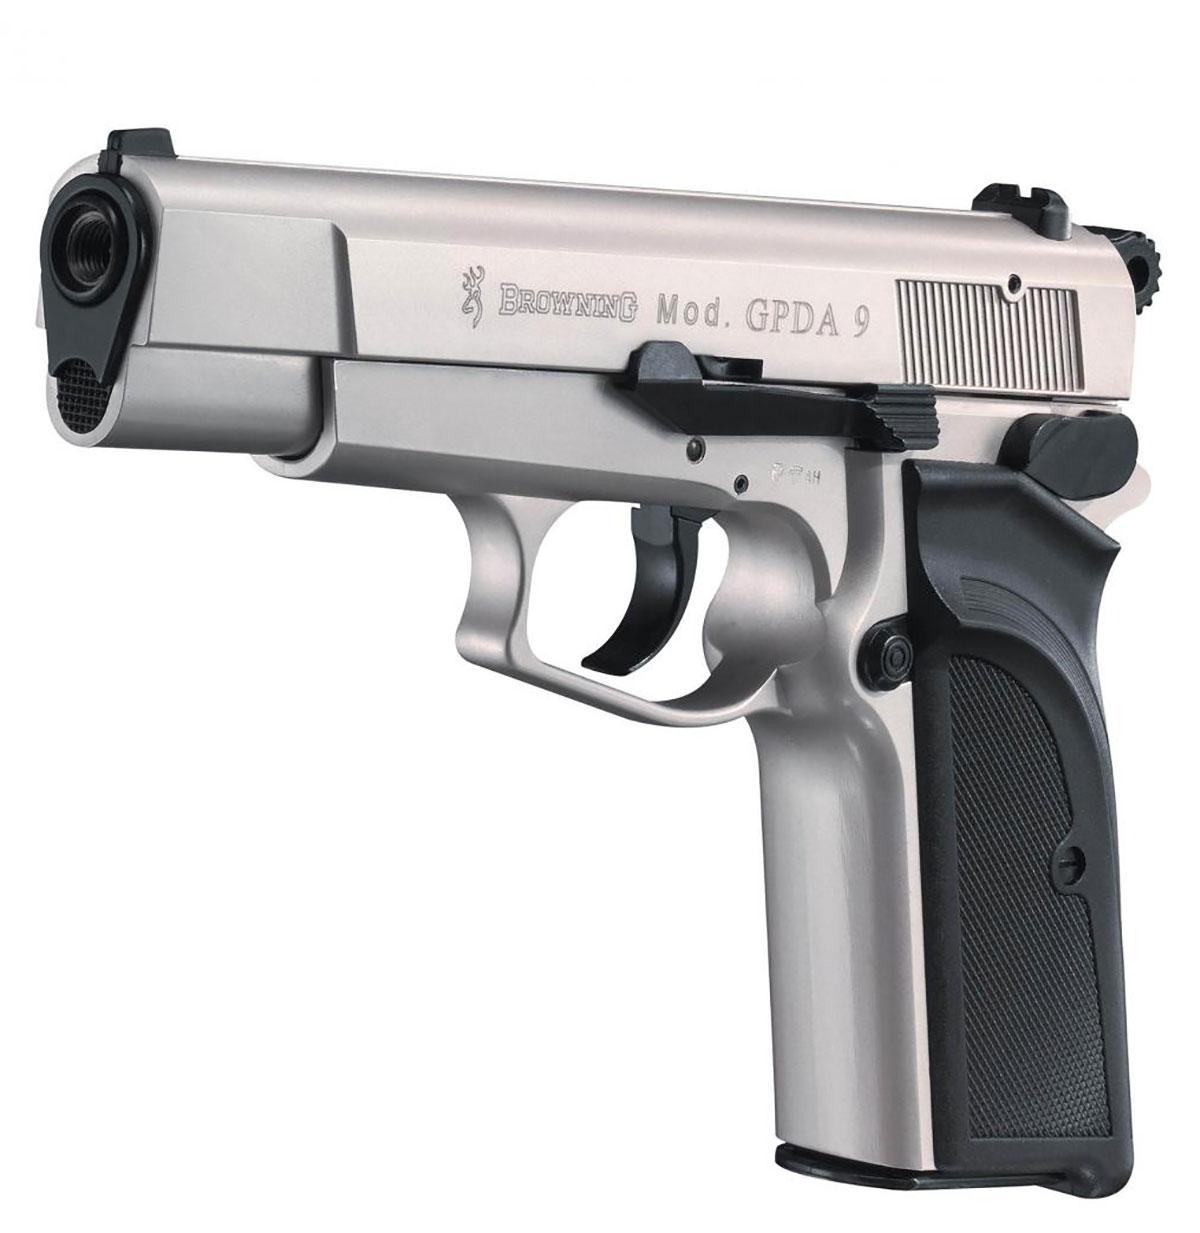 browning gpda 9 schreckschusspistole vernickelte version. Black Bedroom Furniture Sets. Home Design Ideas